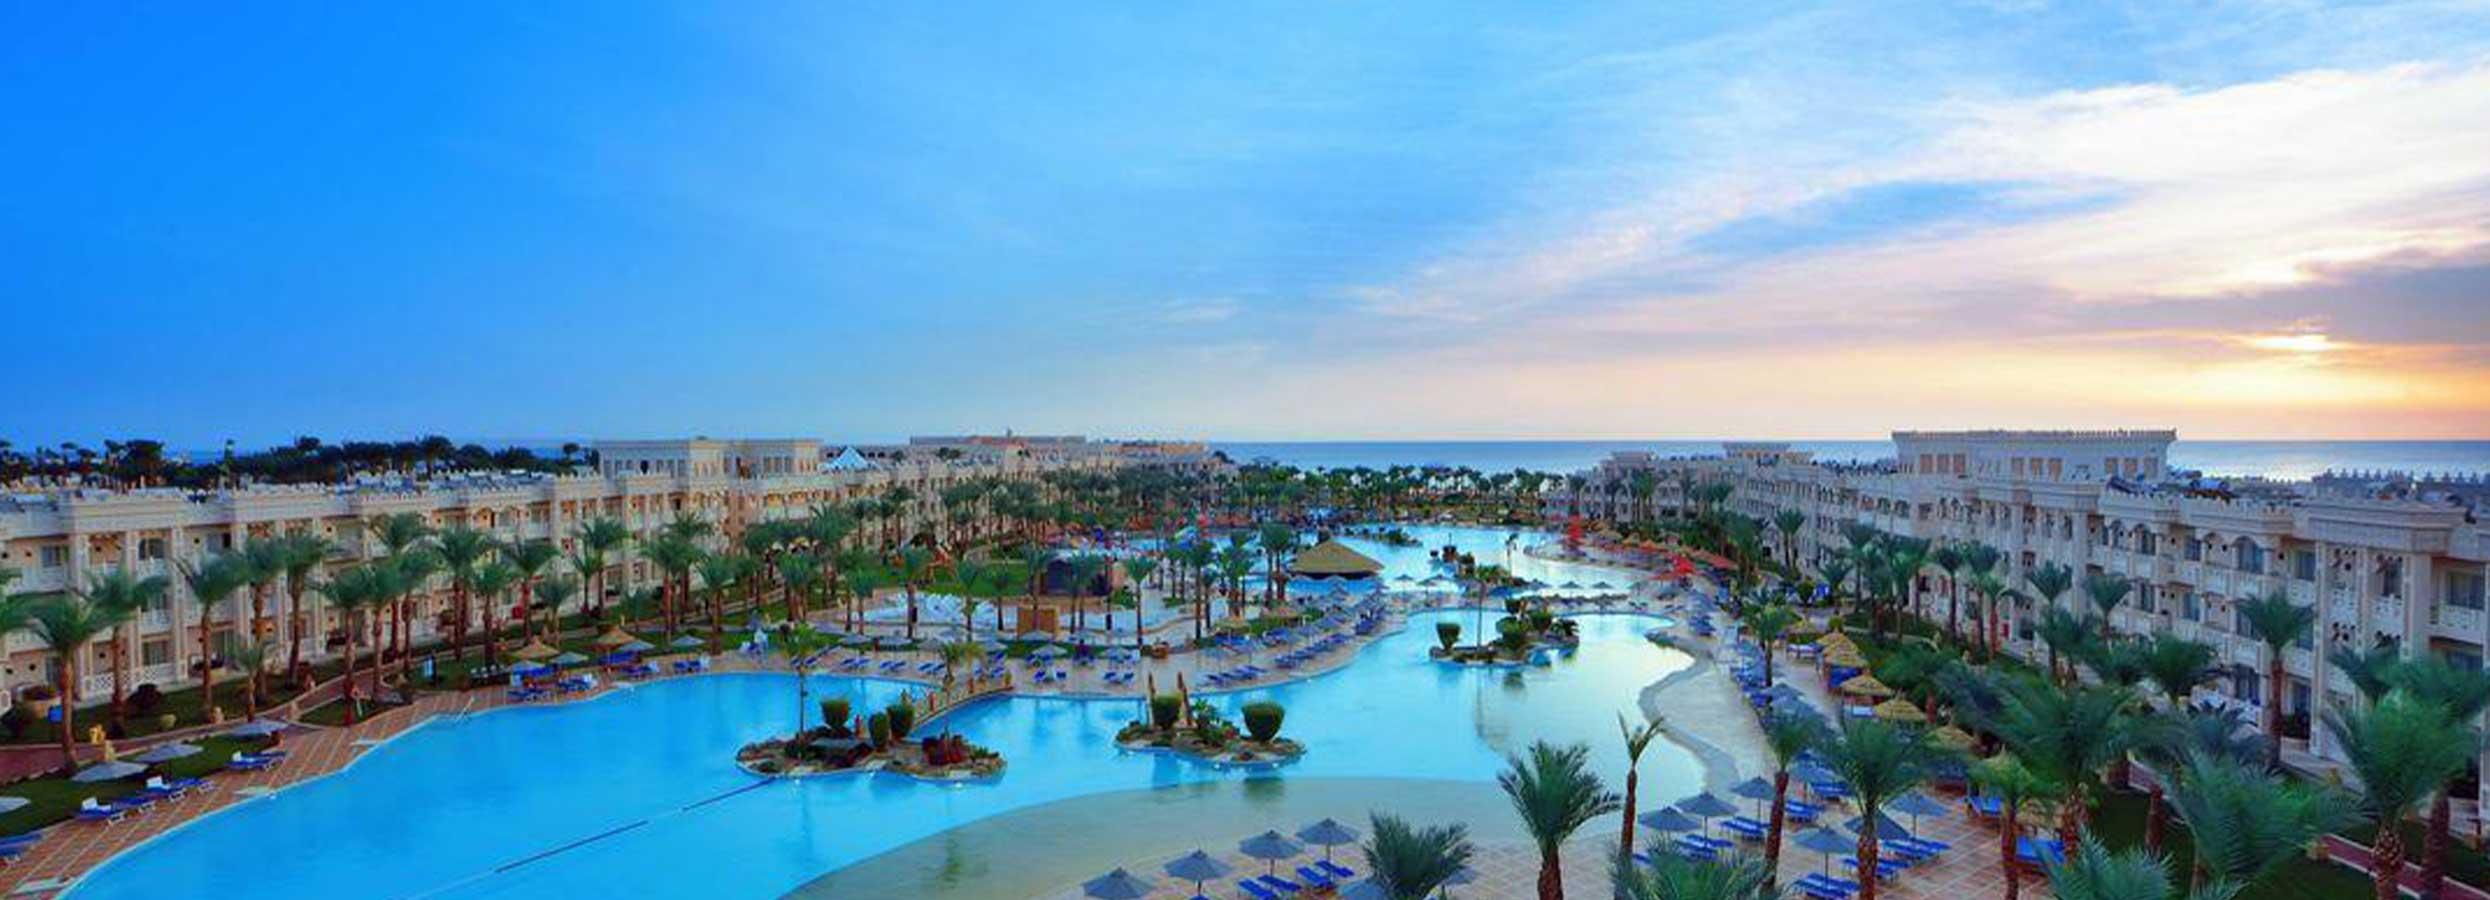 Aukštos klasės poilsis EGIPTE ant jūros kranto! Savaitė labai gerame 5* viešbutyje.